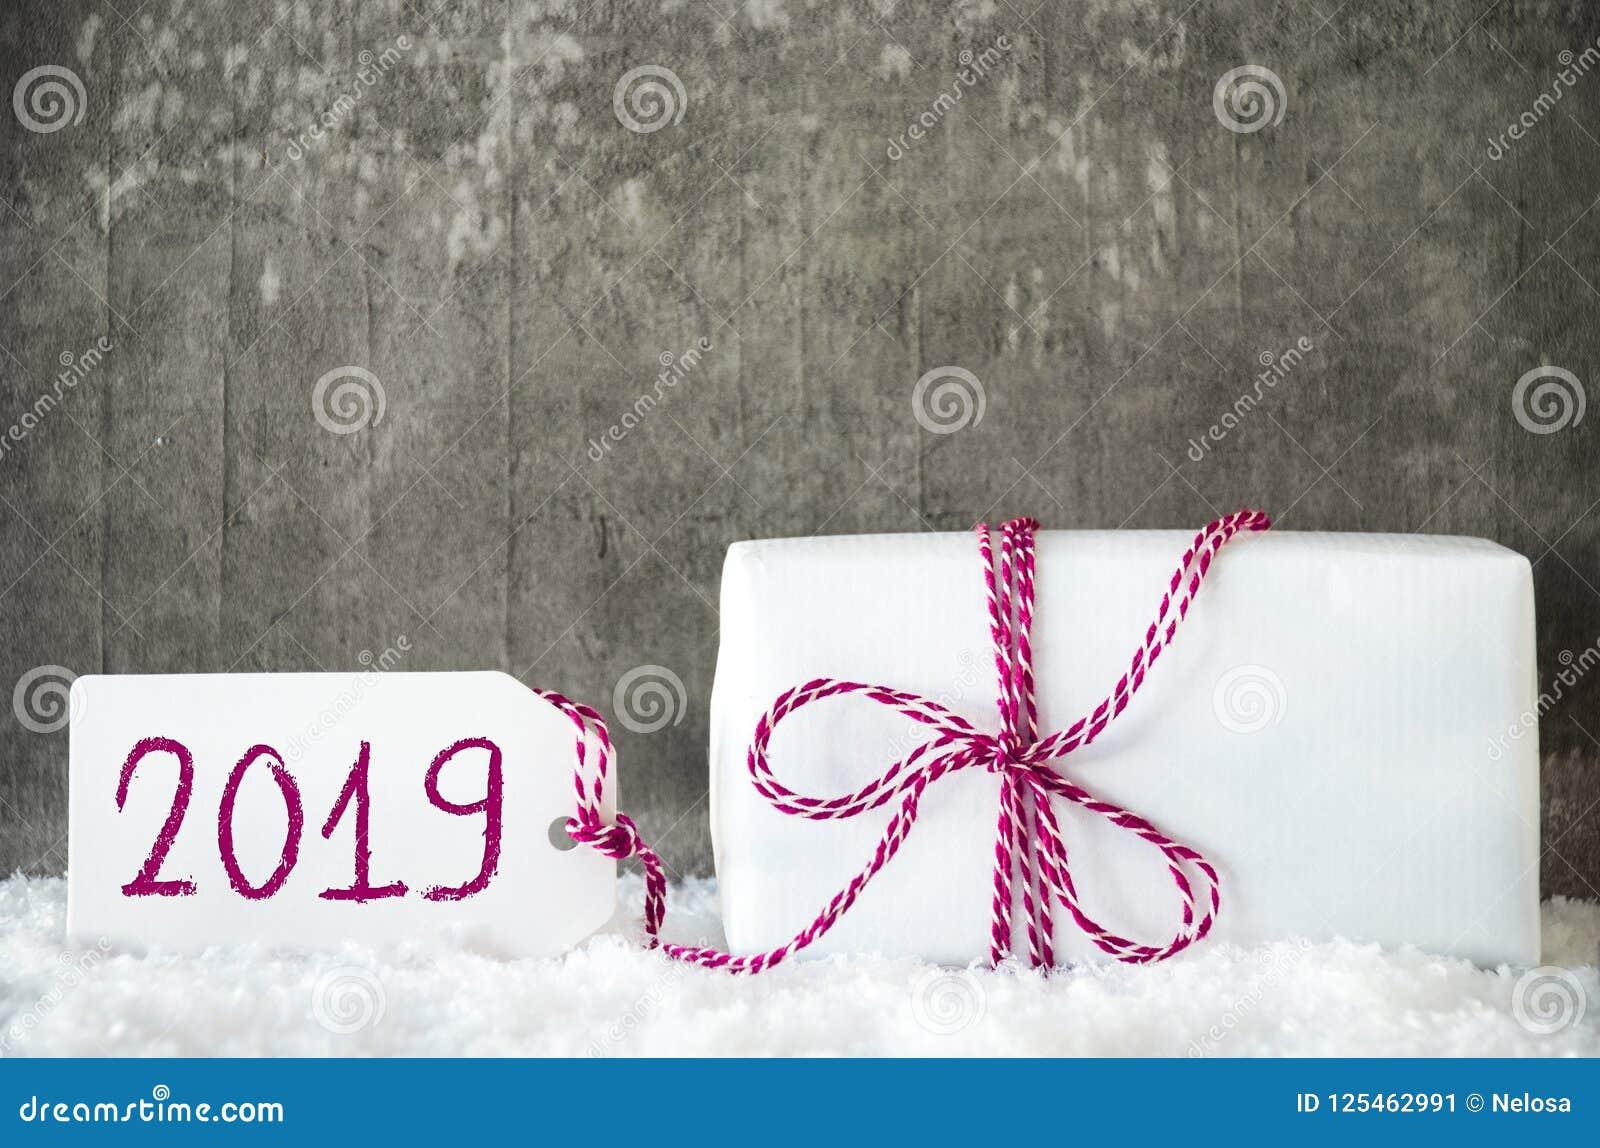 2019 Weiße Weihnachten.Geschenk Der Weißen Weihnacht Schnee Aufkleber Text 2019 Rotes